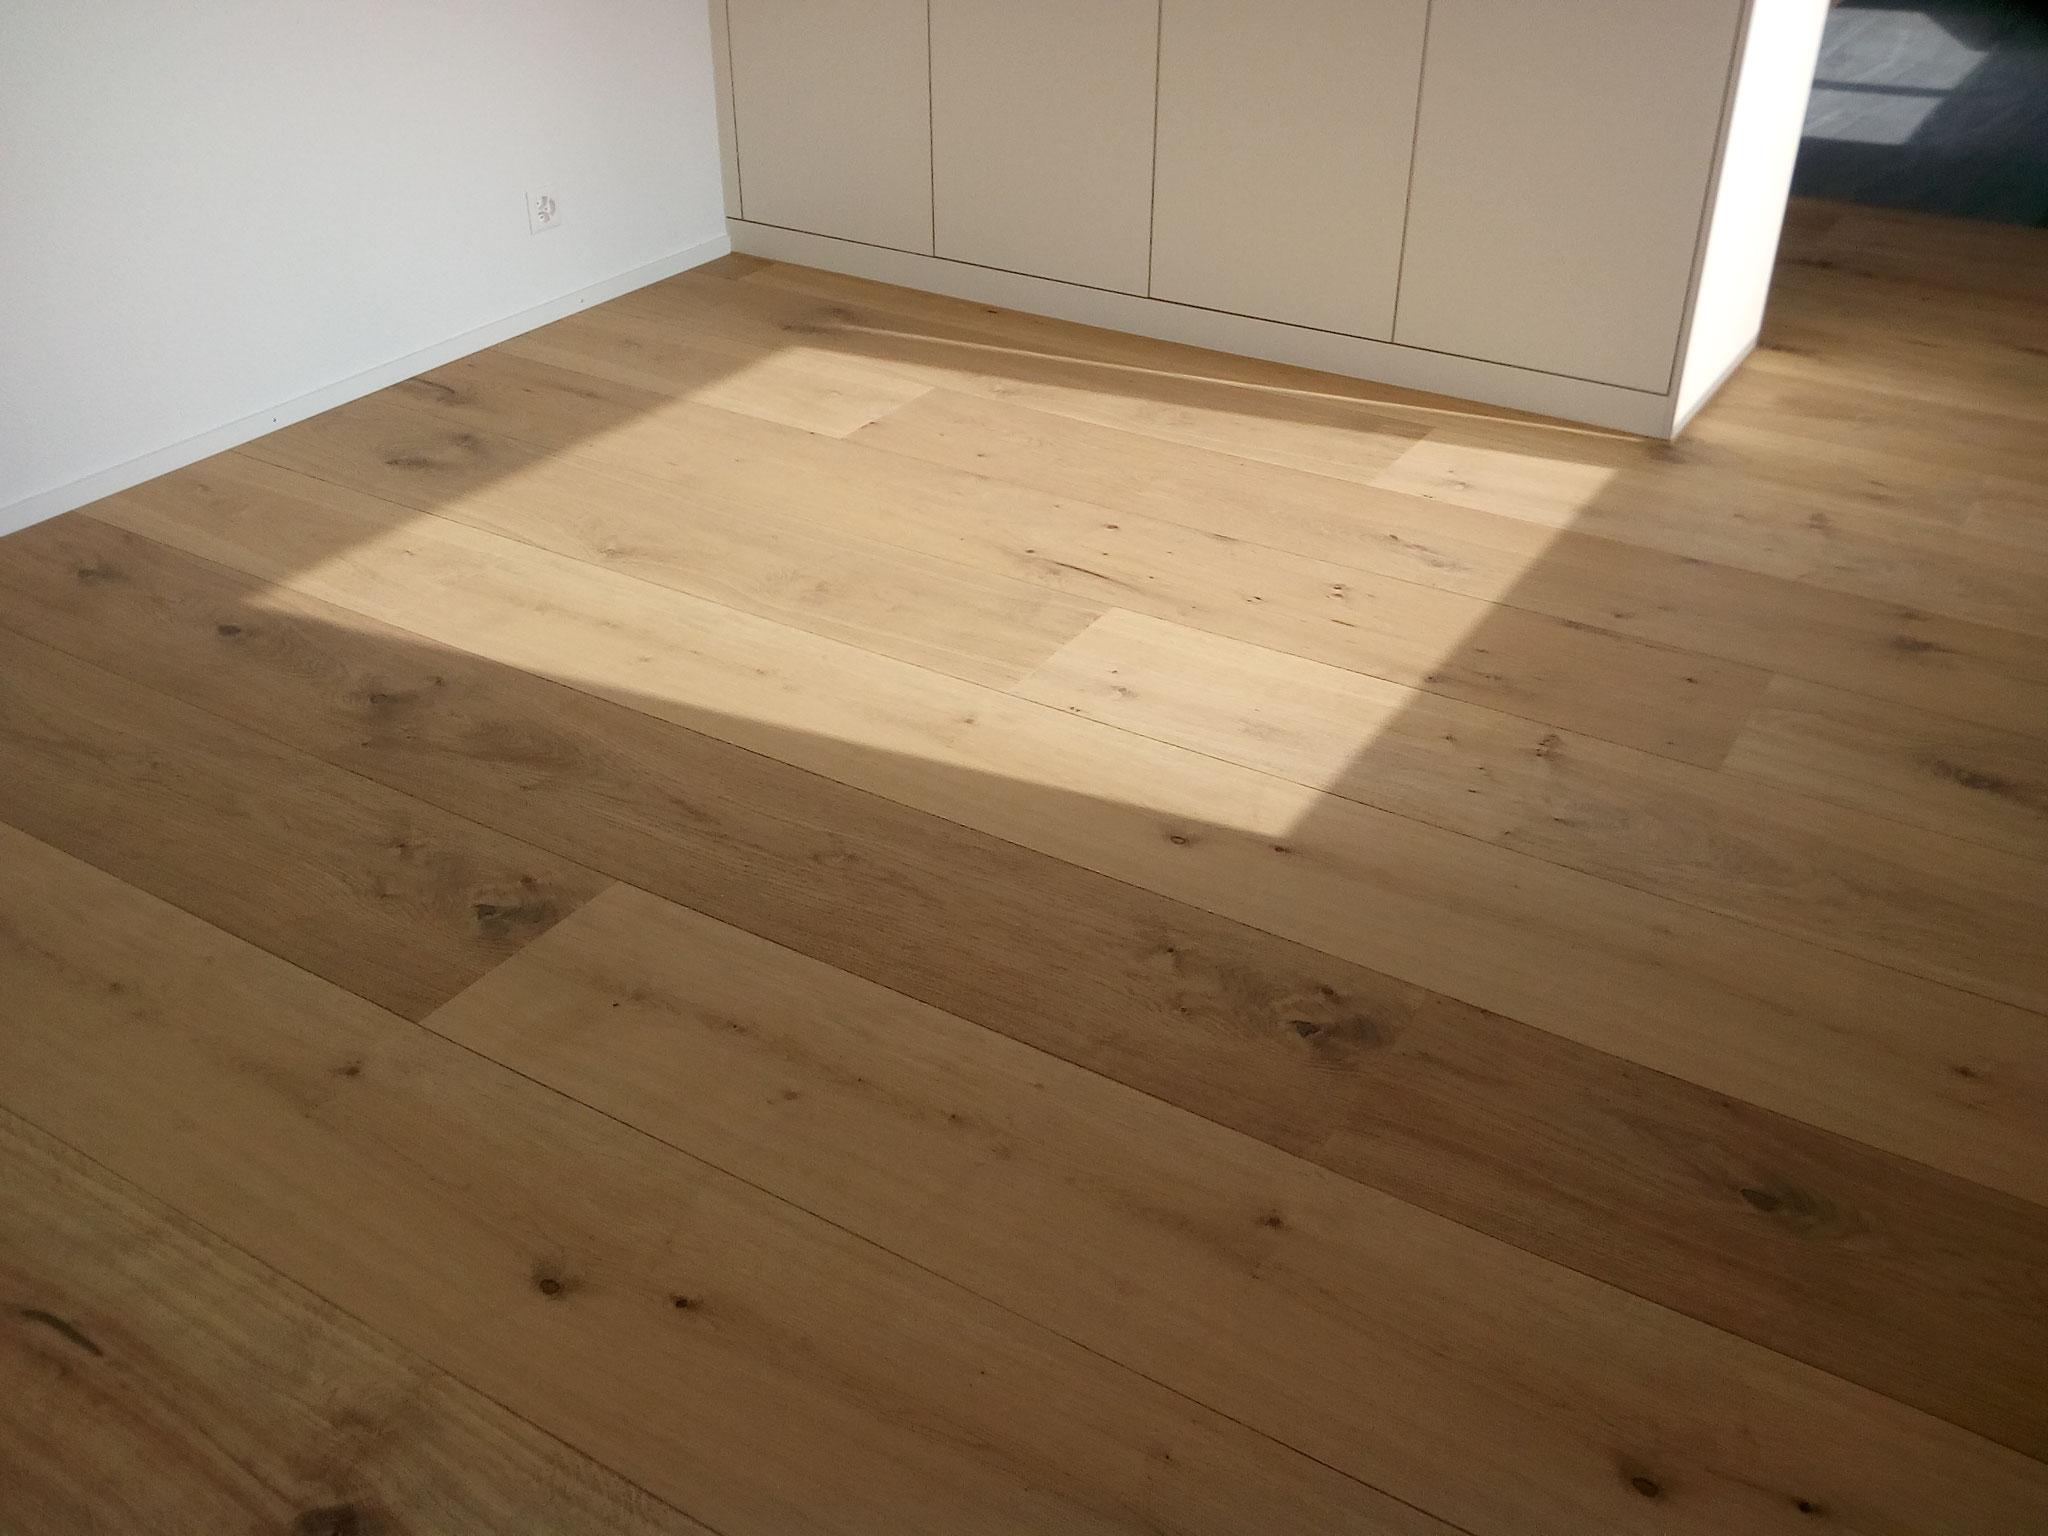 Lindura-Holzboden Eiche rustikal geölt, 2600 x 320 mm